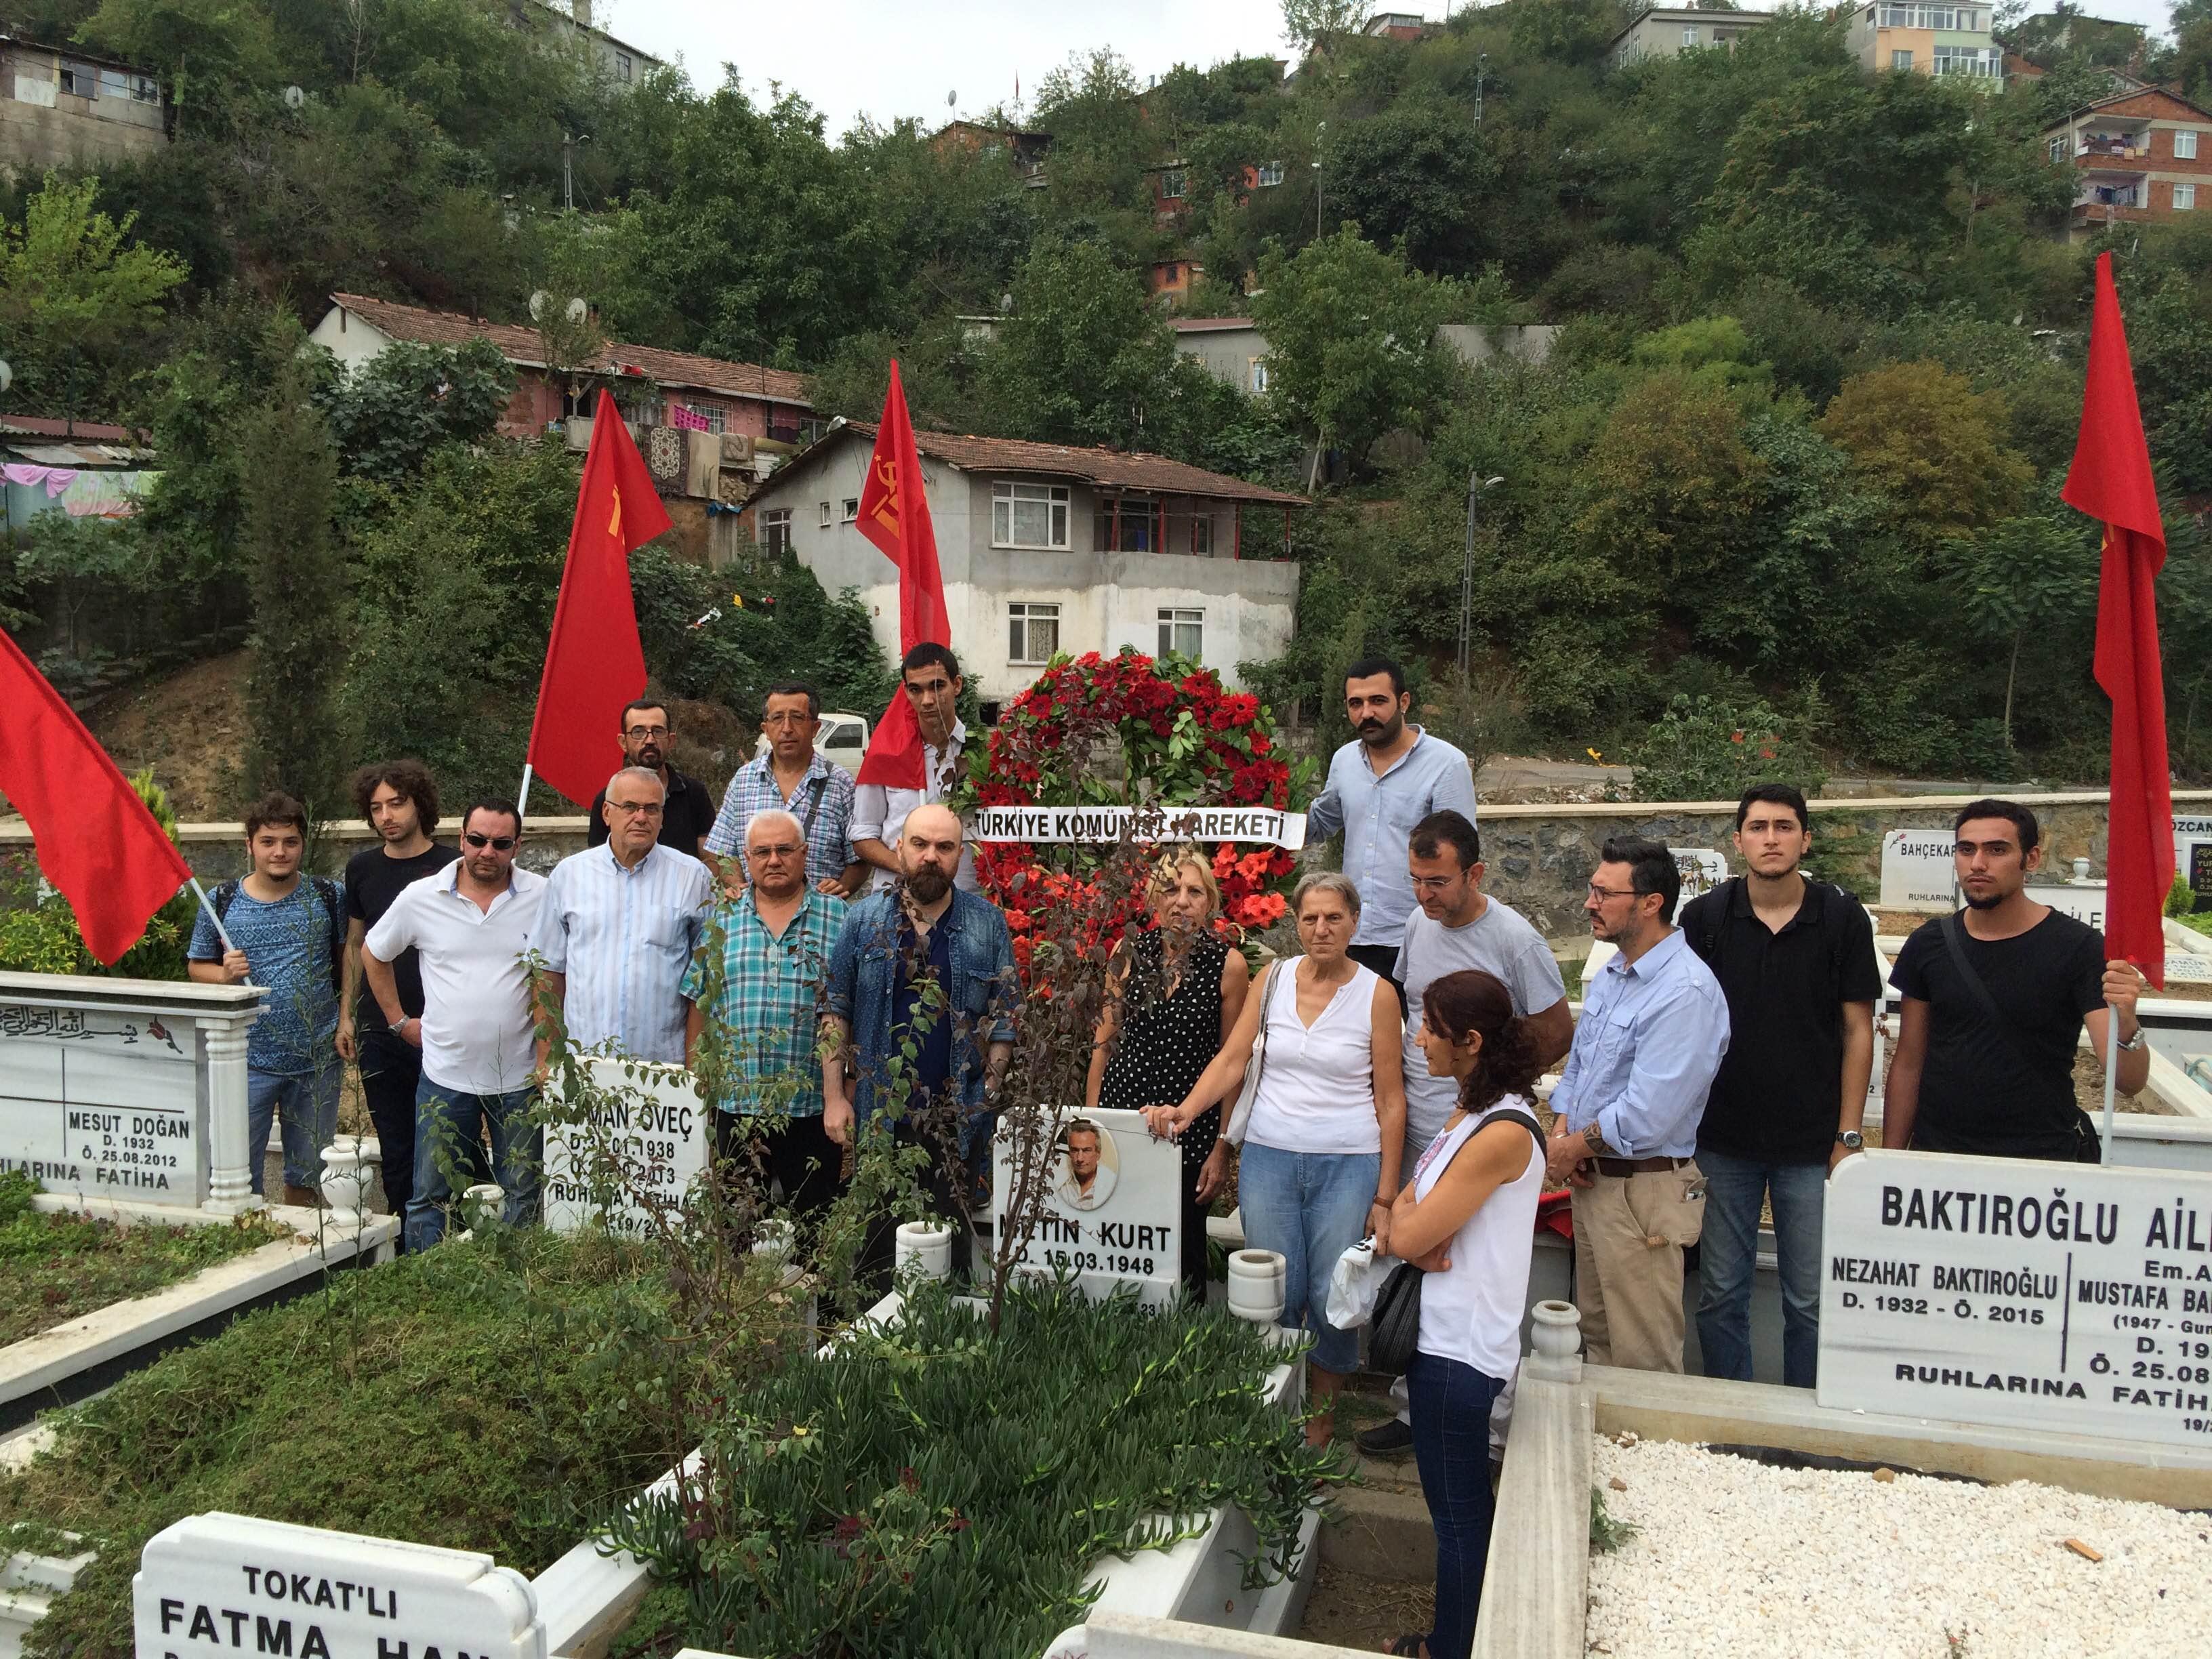 Türkiye Komünist Hareketi'nden Metin Kurt anması